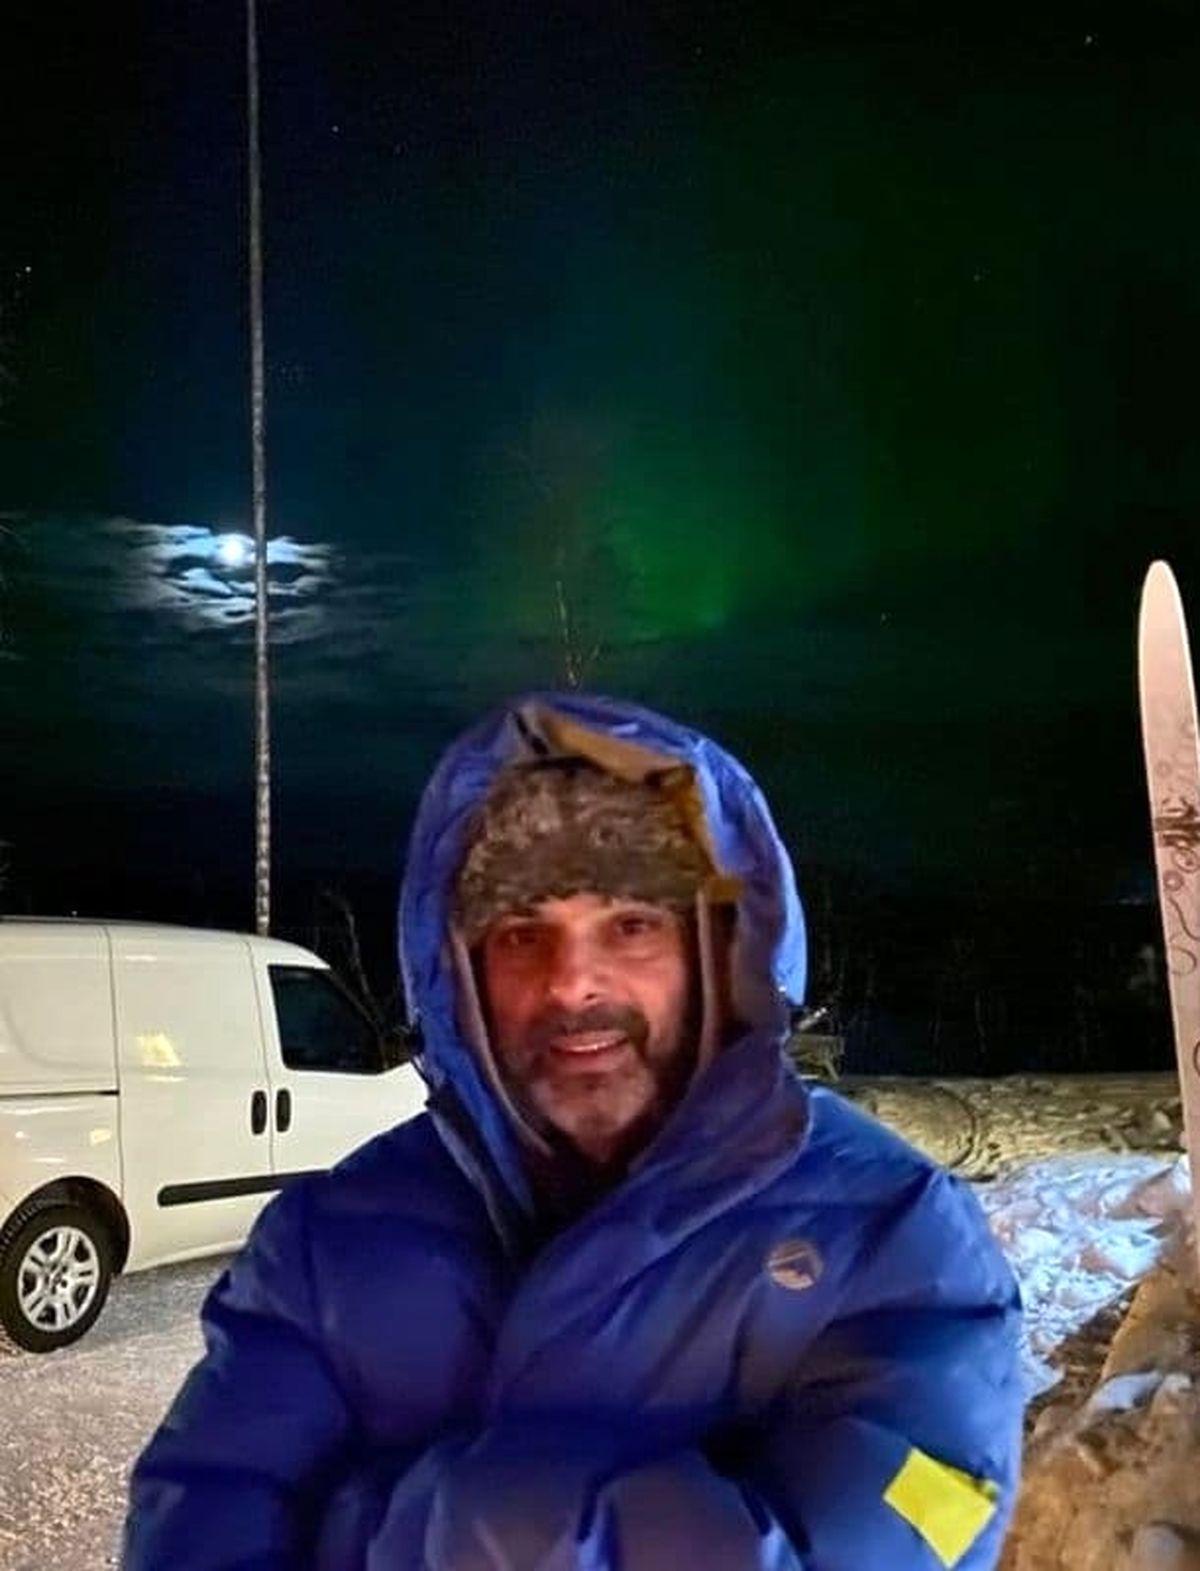 گشت و گذار عجیب پیمان معادی در قطب شمال+عکس